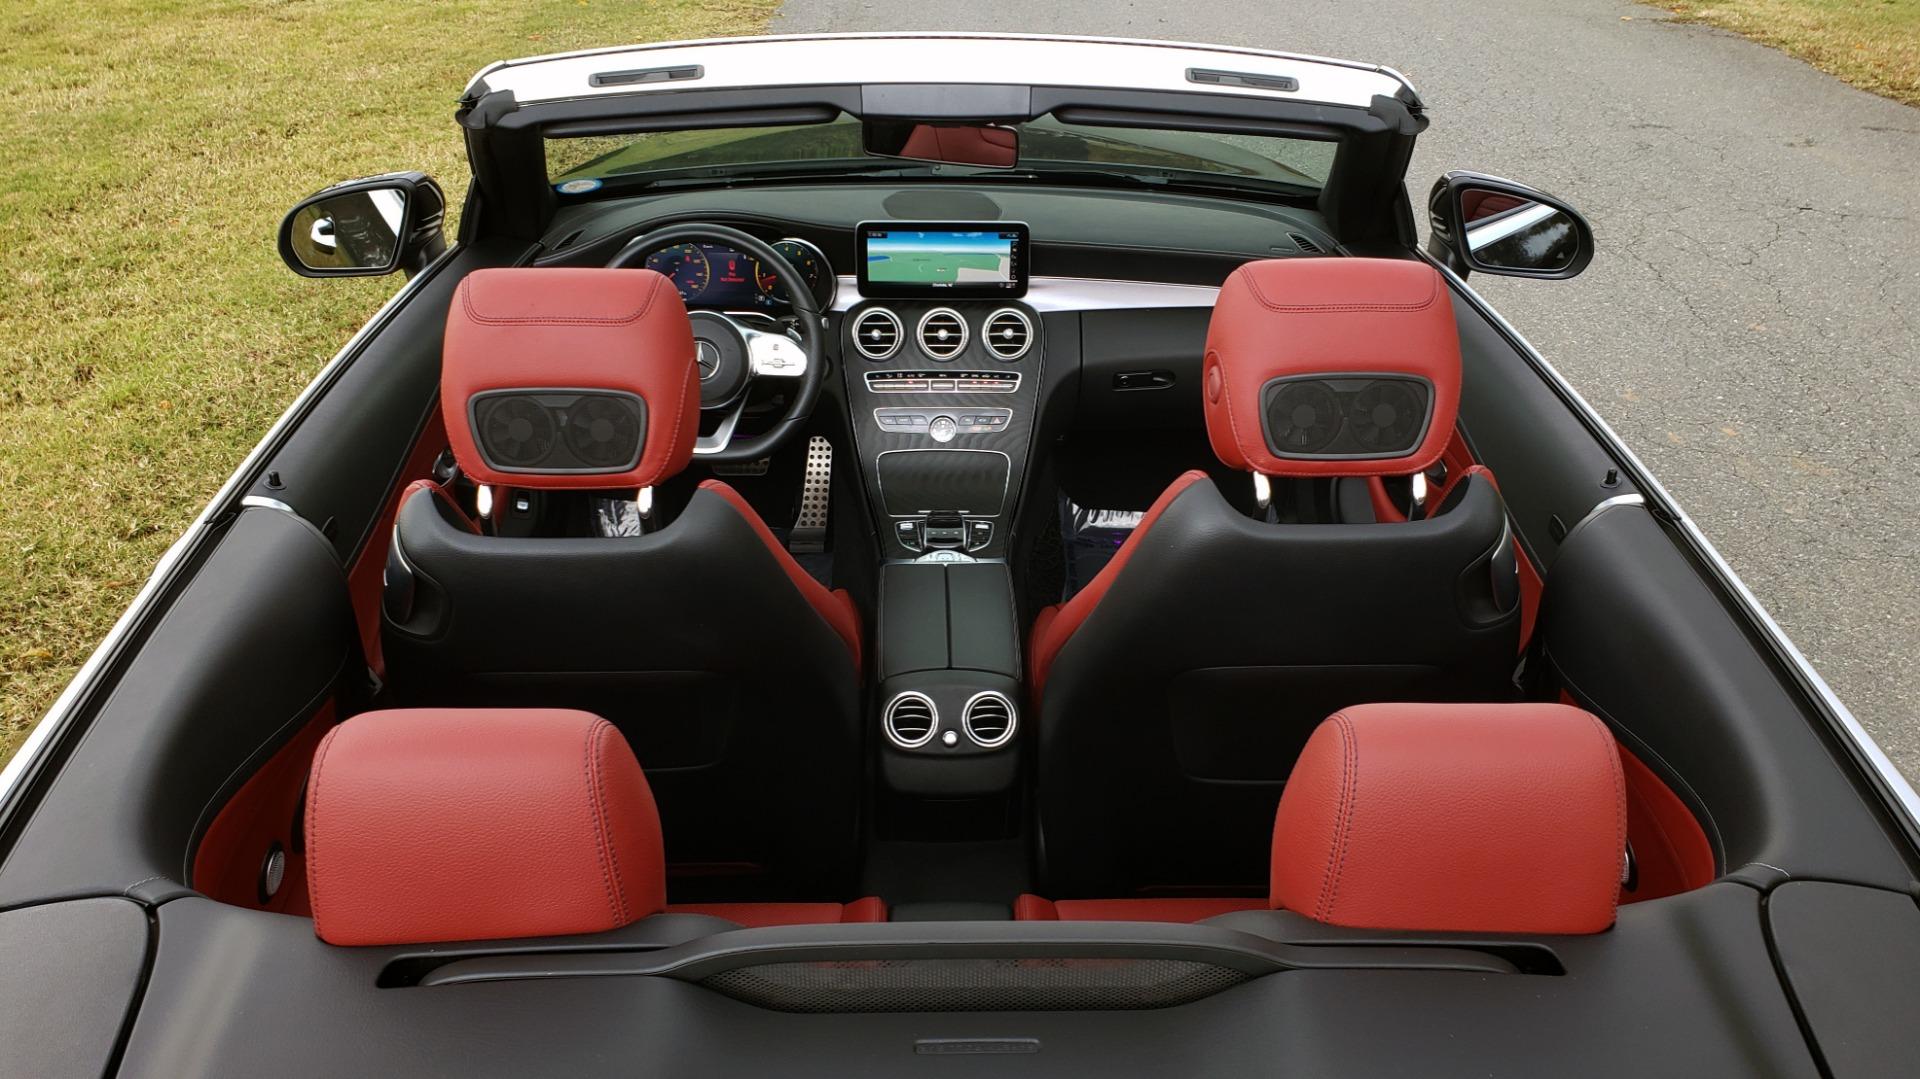 Used 2019 Mercedes-Benz C-CLASS C 300 CABRIOLET / PREM PKG / NAV / BURMESTER / MULTIMEDIA for sale Sold at Formula Imports in Charlotte NC 28227 69